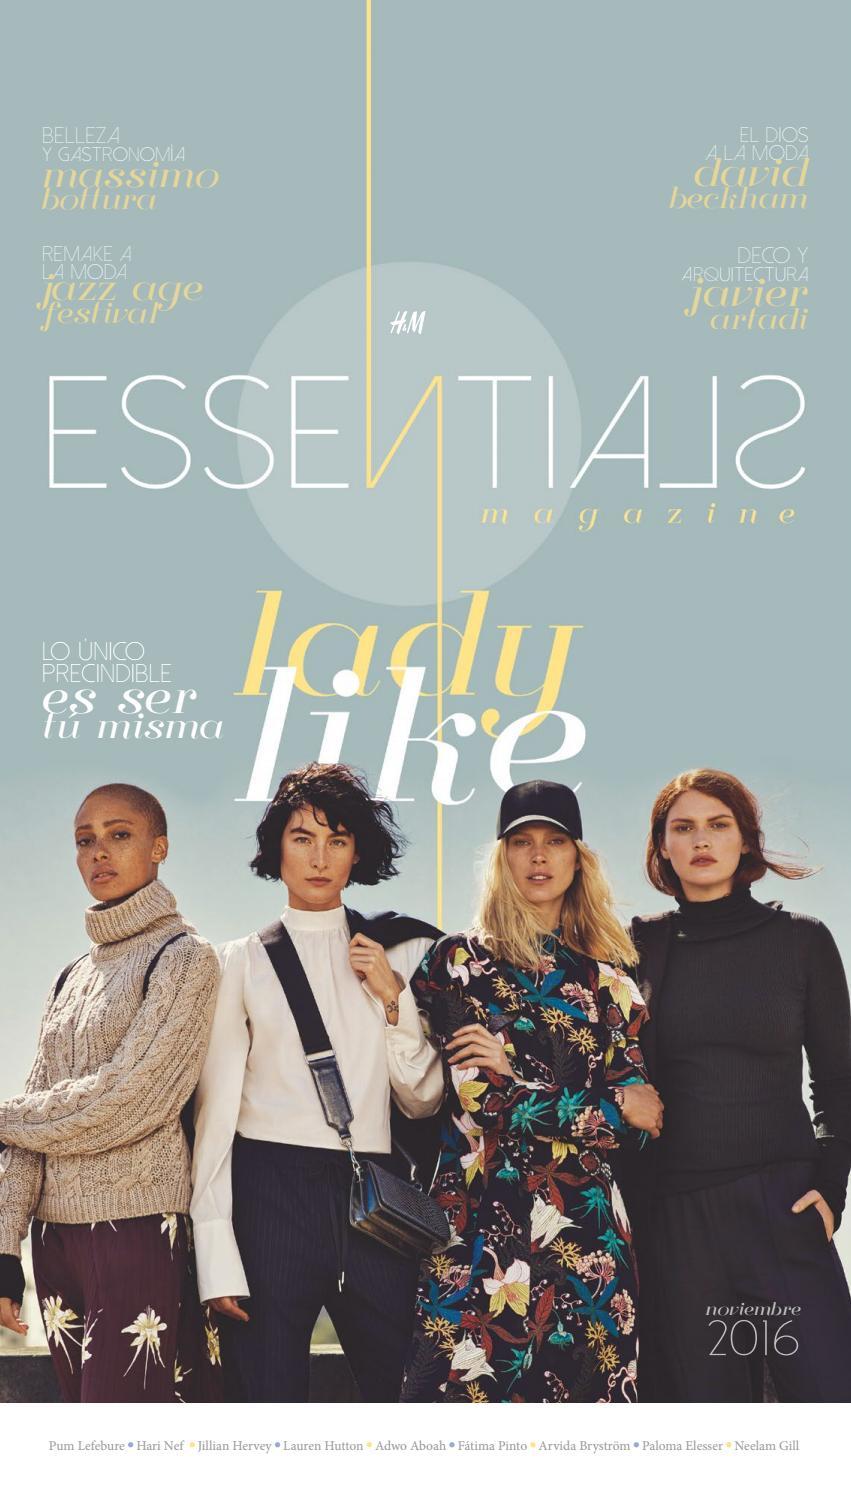 ESSENTIALS Magazine by Bruno Guerra Nores - issuu